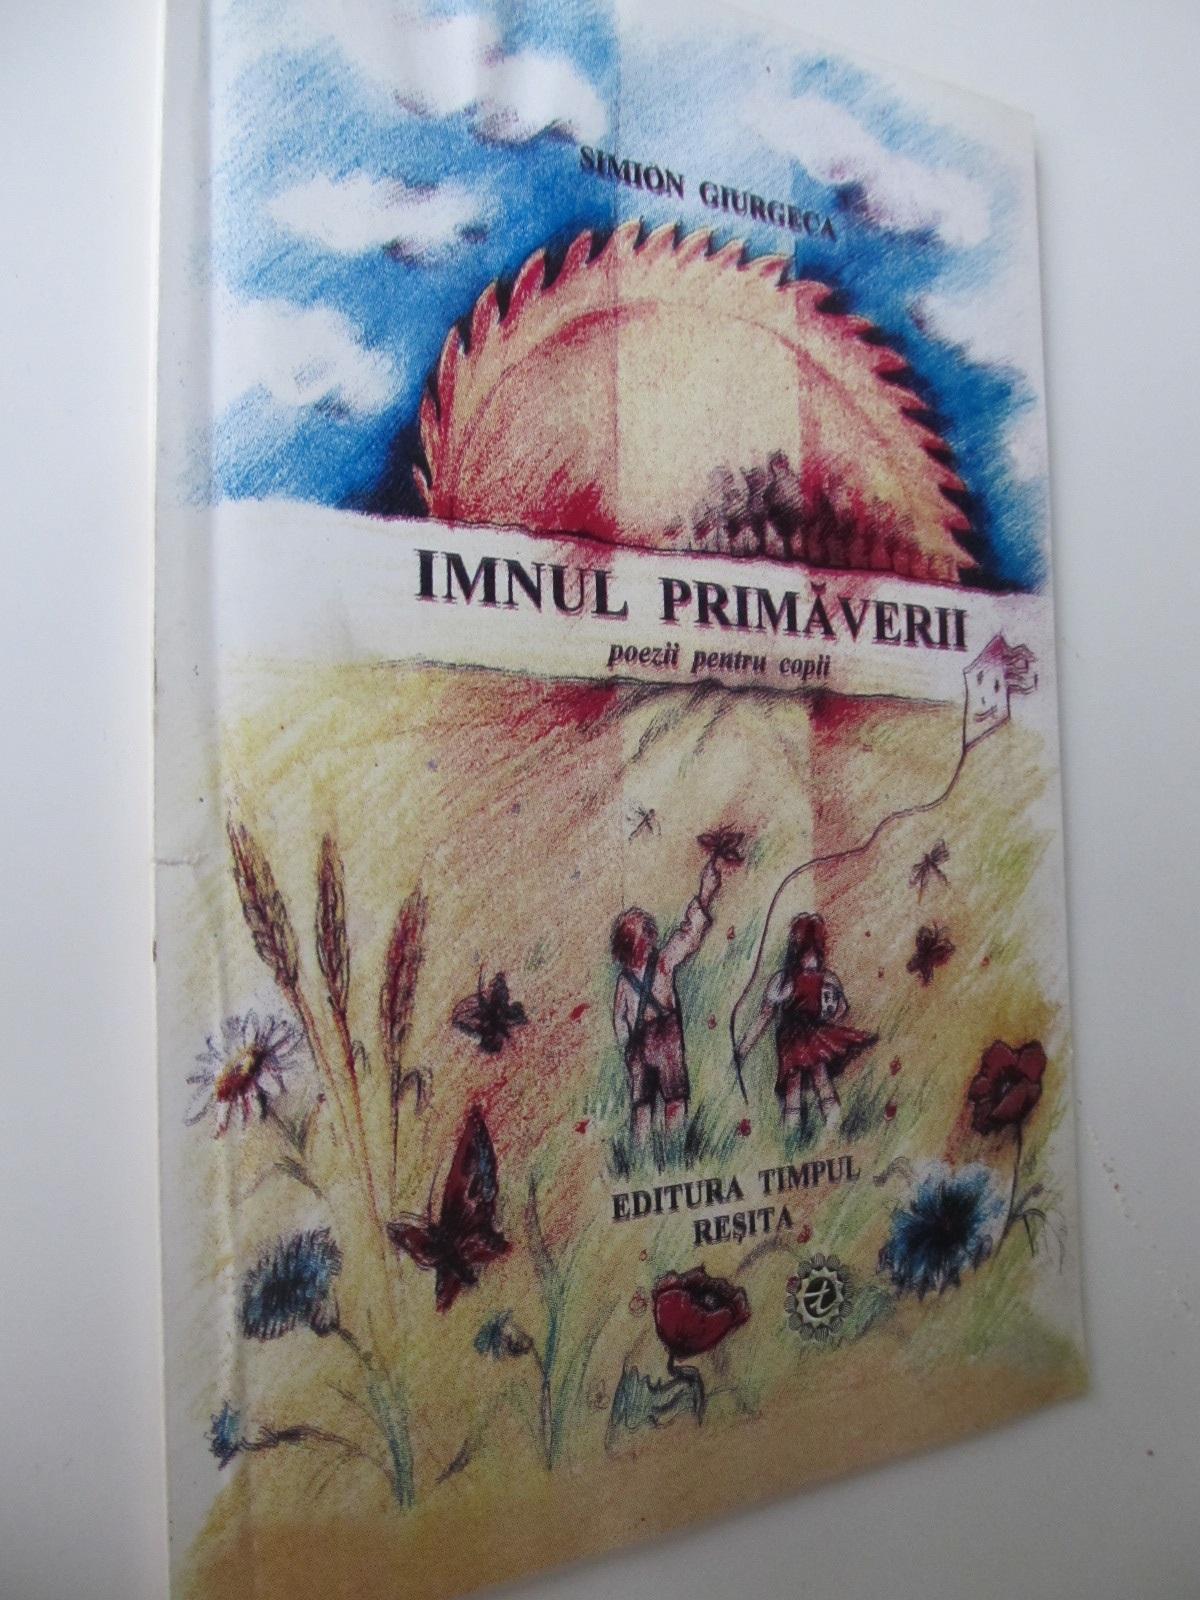 Imnul primaverii - poezii pentru copii - Simion Giurgeca | Detalii carte